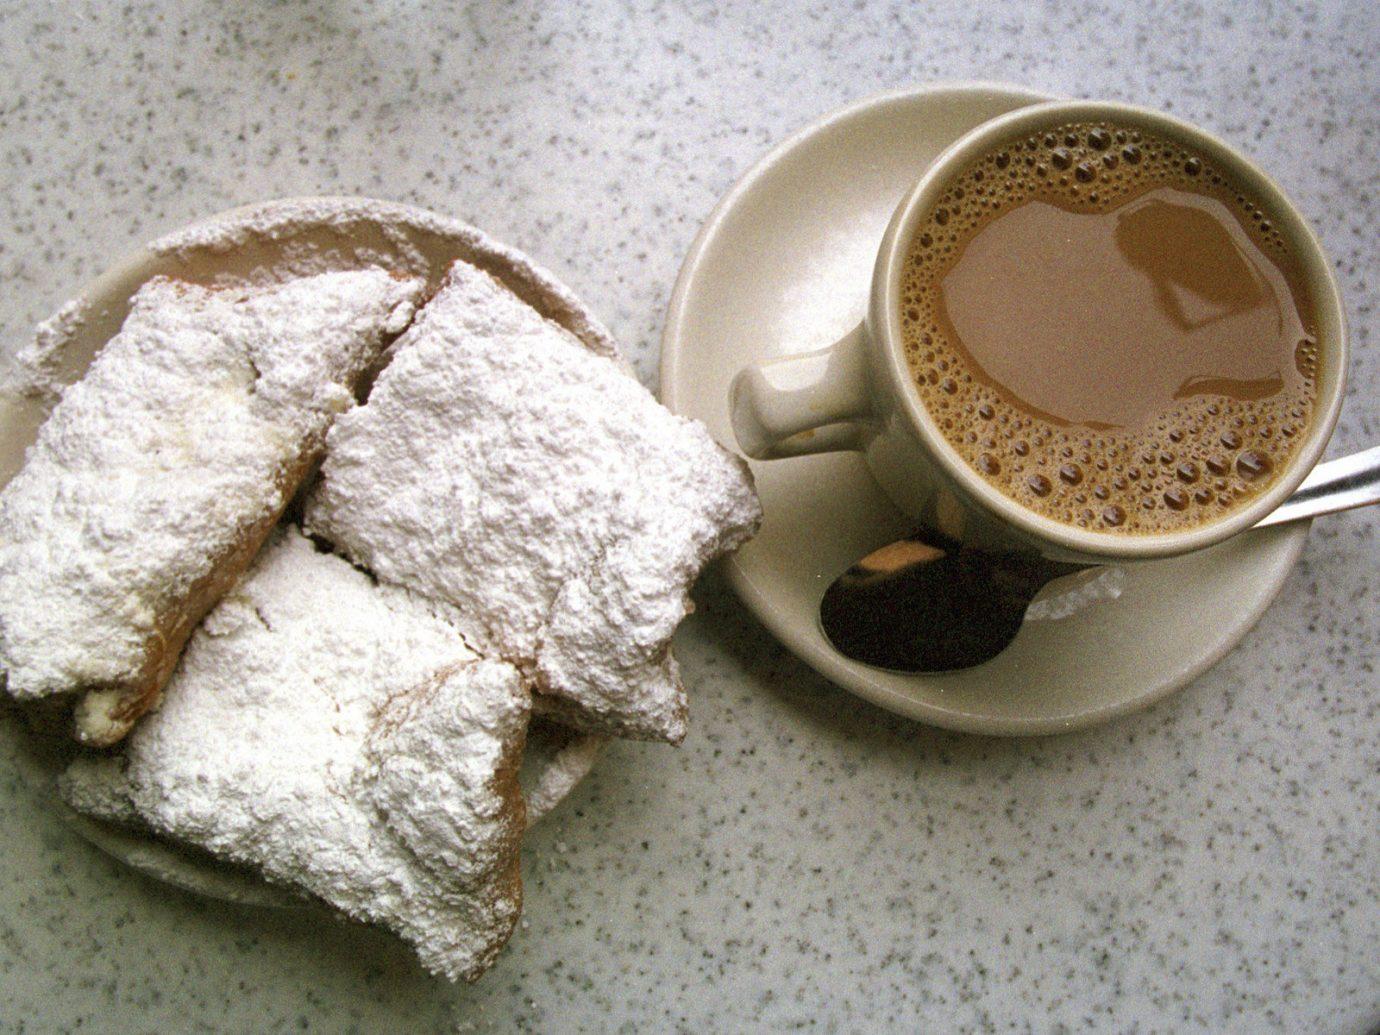 Girls Getaways New Orleans Trip Ideas Weekend Getaways cup coffee food breakfast meal dessert Drink flavor baking slice